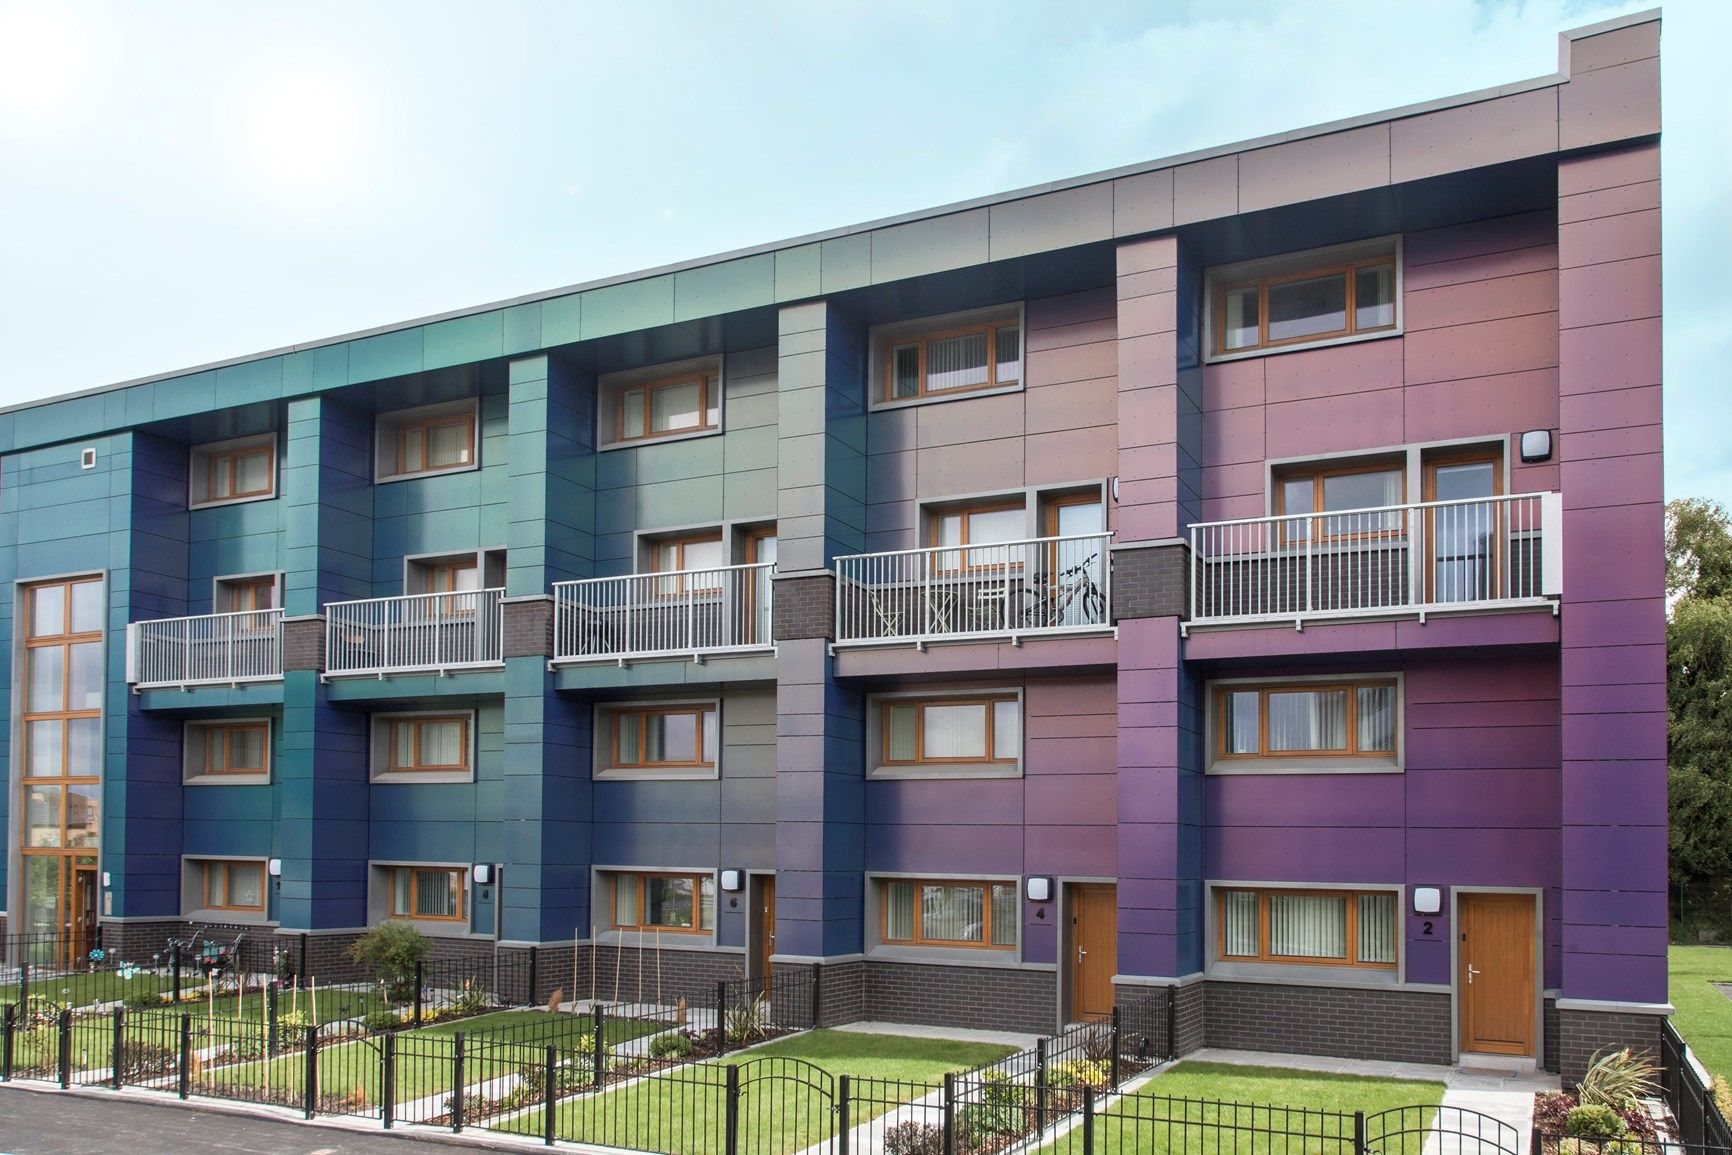 Triflex per la riqualificazione di un complesso di edilizia residenziale pubblica con lo standard di casa passiva a Manchester